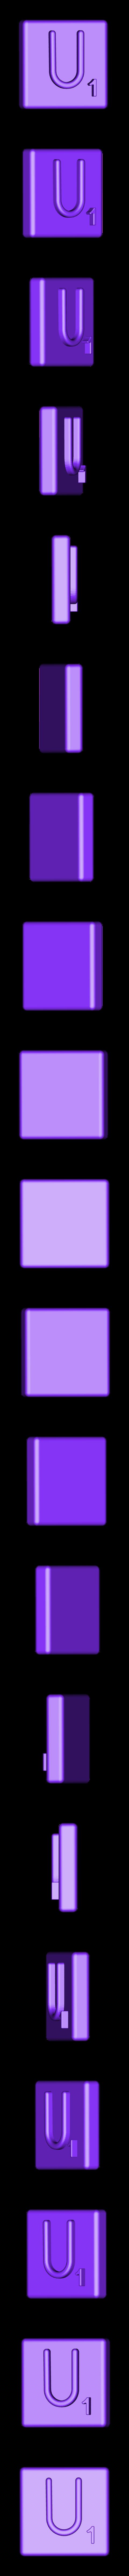 Single_Extruded_U.STL Télécharger fichier STL gratuit Pièces et support SCRABBBLE • Design pour imprimante 3D, Balkhagal4D